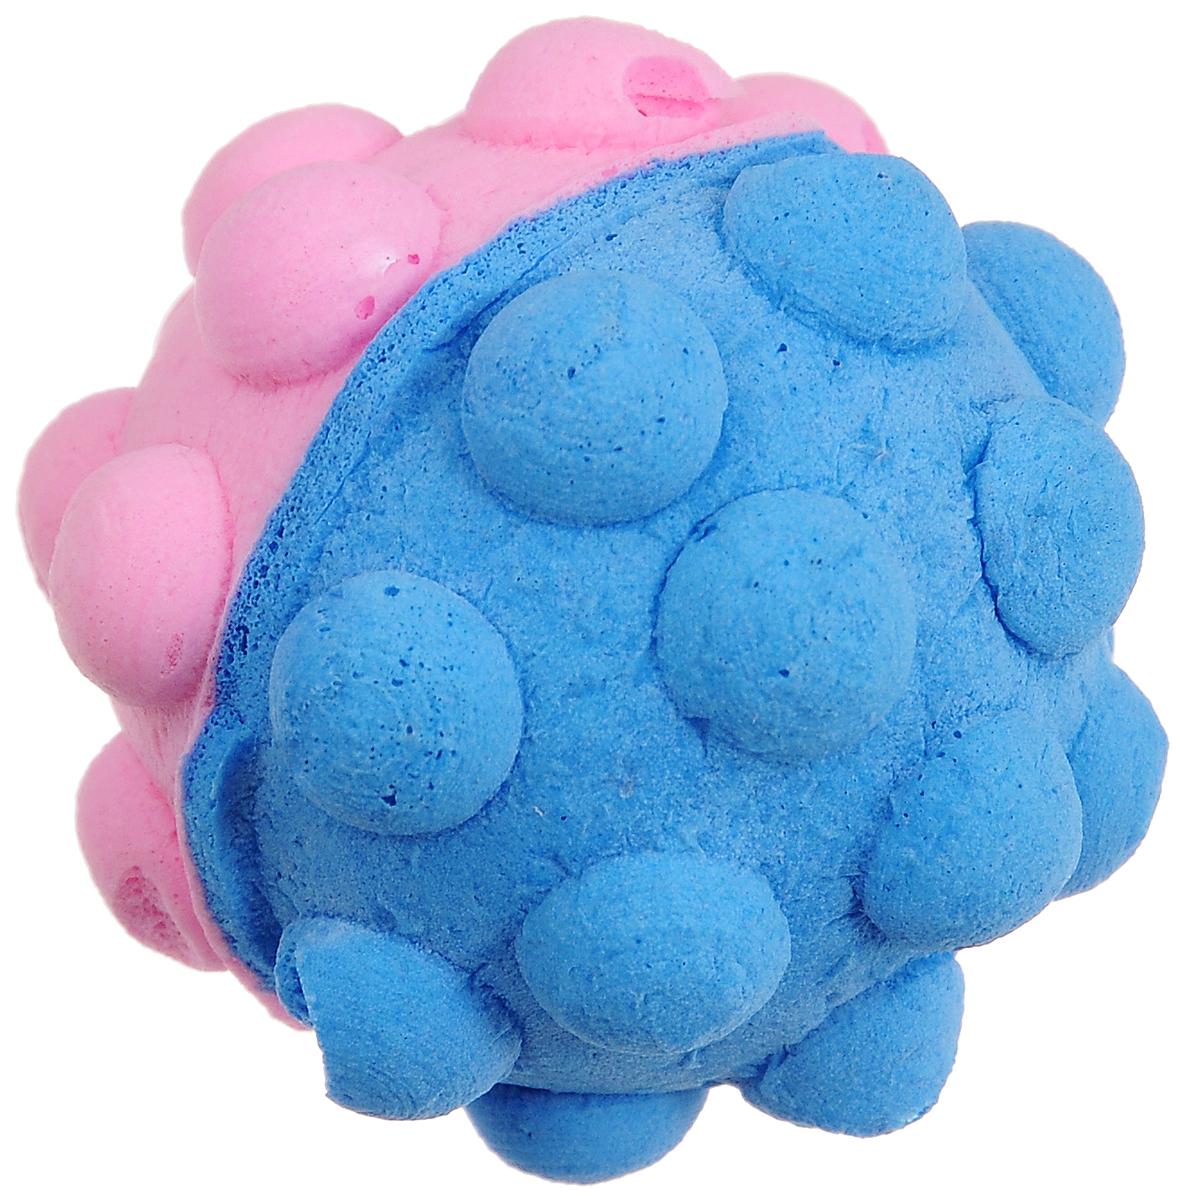 Игрушка для животных Каскад Мячик зефирный. Мина, цвет: голубой, розовый, диаметр 4,5 см27799309_голубой, розовыйМягкая игрушка для животных Каскад Мячик зефирный. Мина изготовлена из вспененного полимера.Такая игрушка порадует вашего любимца, а вам доставит массу приятных эмоций, ведь наблюдать за игрой всегда интересно и приятно.Диаметр игрушки: 4,5 см.